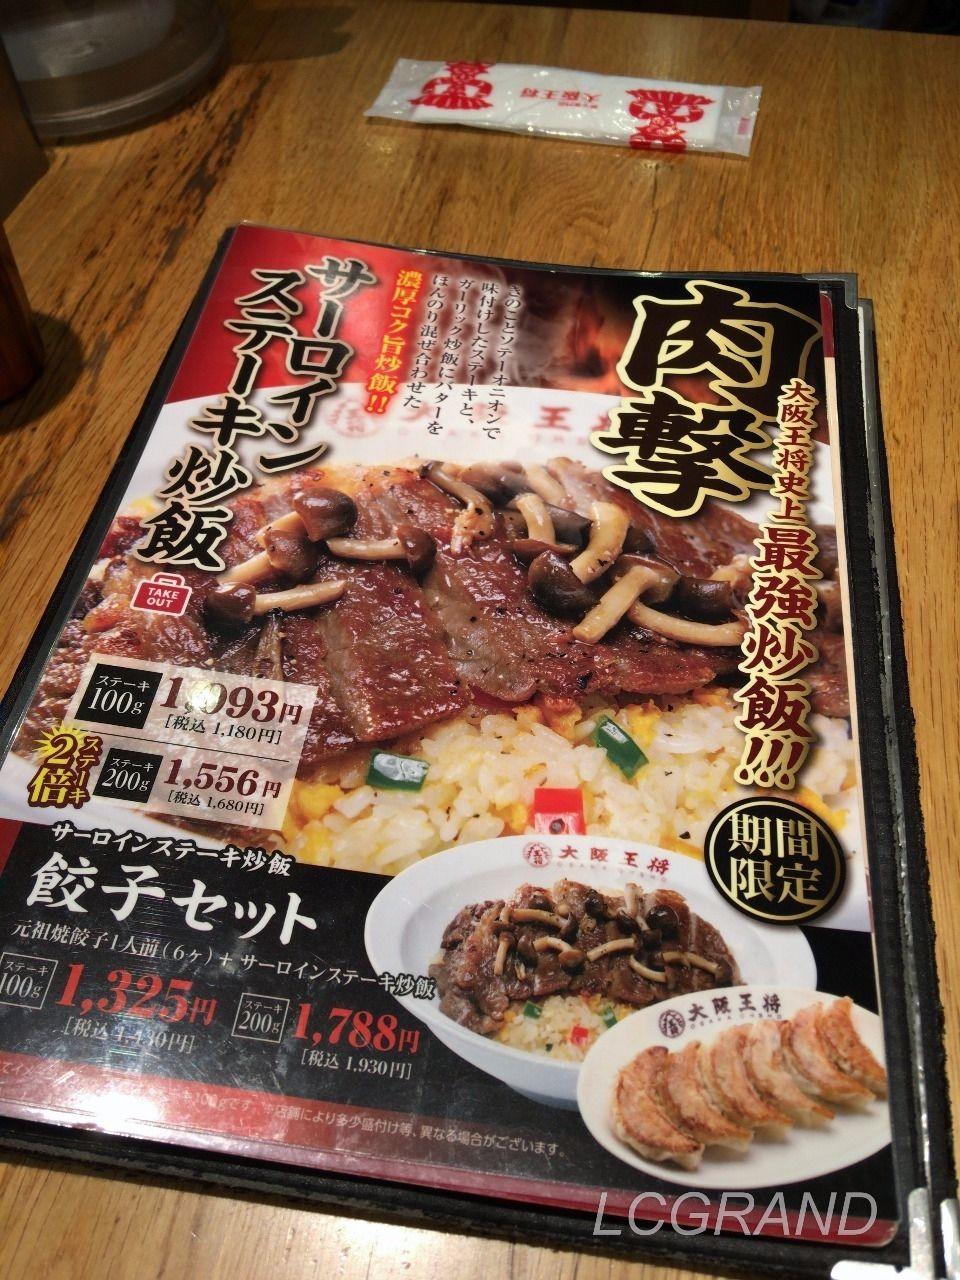 見出しに「肉撃」、そして「大阪王将史上最強炒飯」と題した食欲をそそるサーロインステーキ炒飯のメニュー表